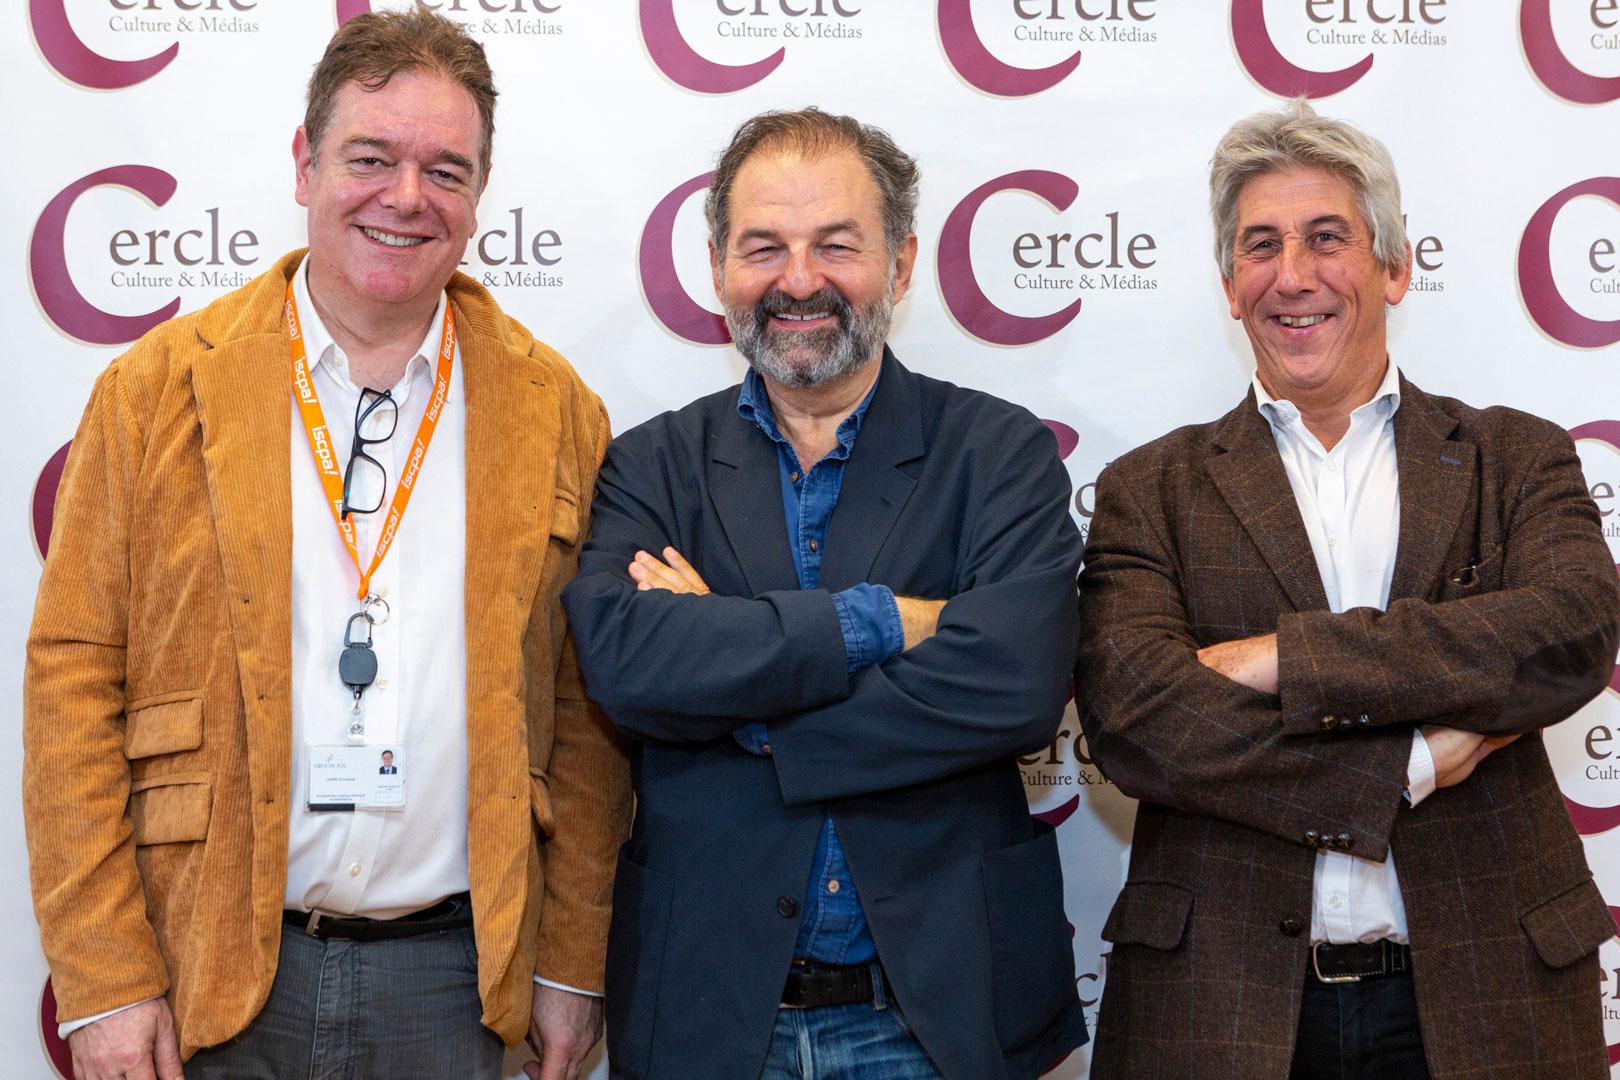 Cercle Culture & Médias - ISCPA Paris - Emmanuel Carré, Denis Olivennes et Hervé Rony